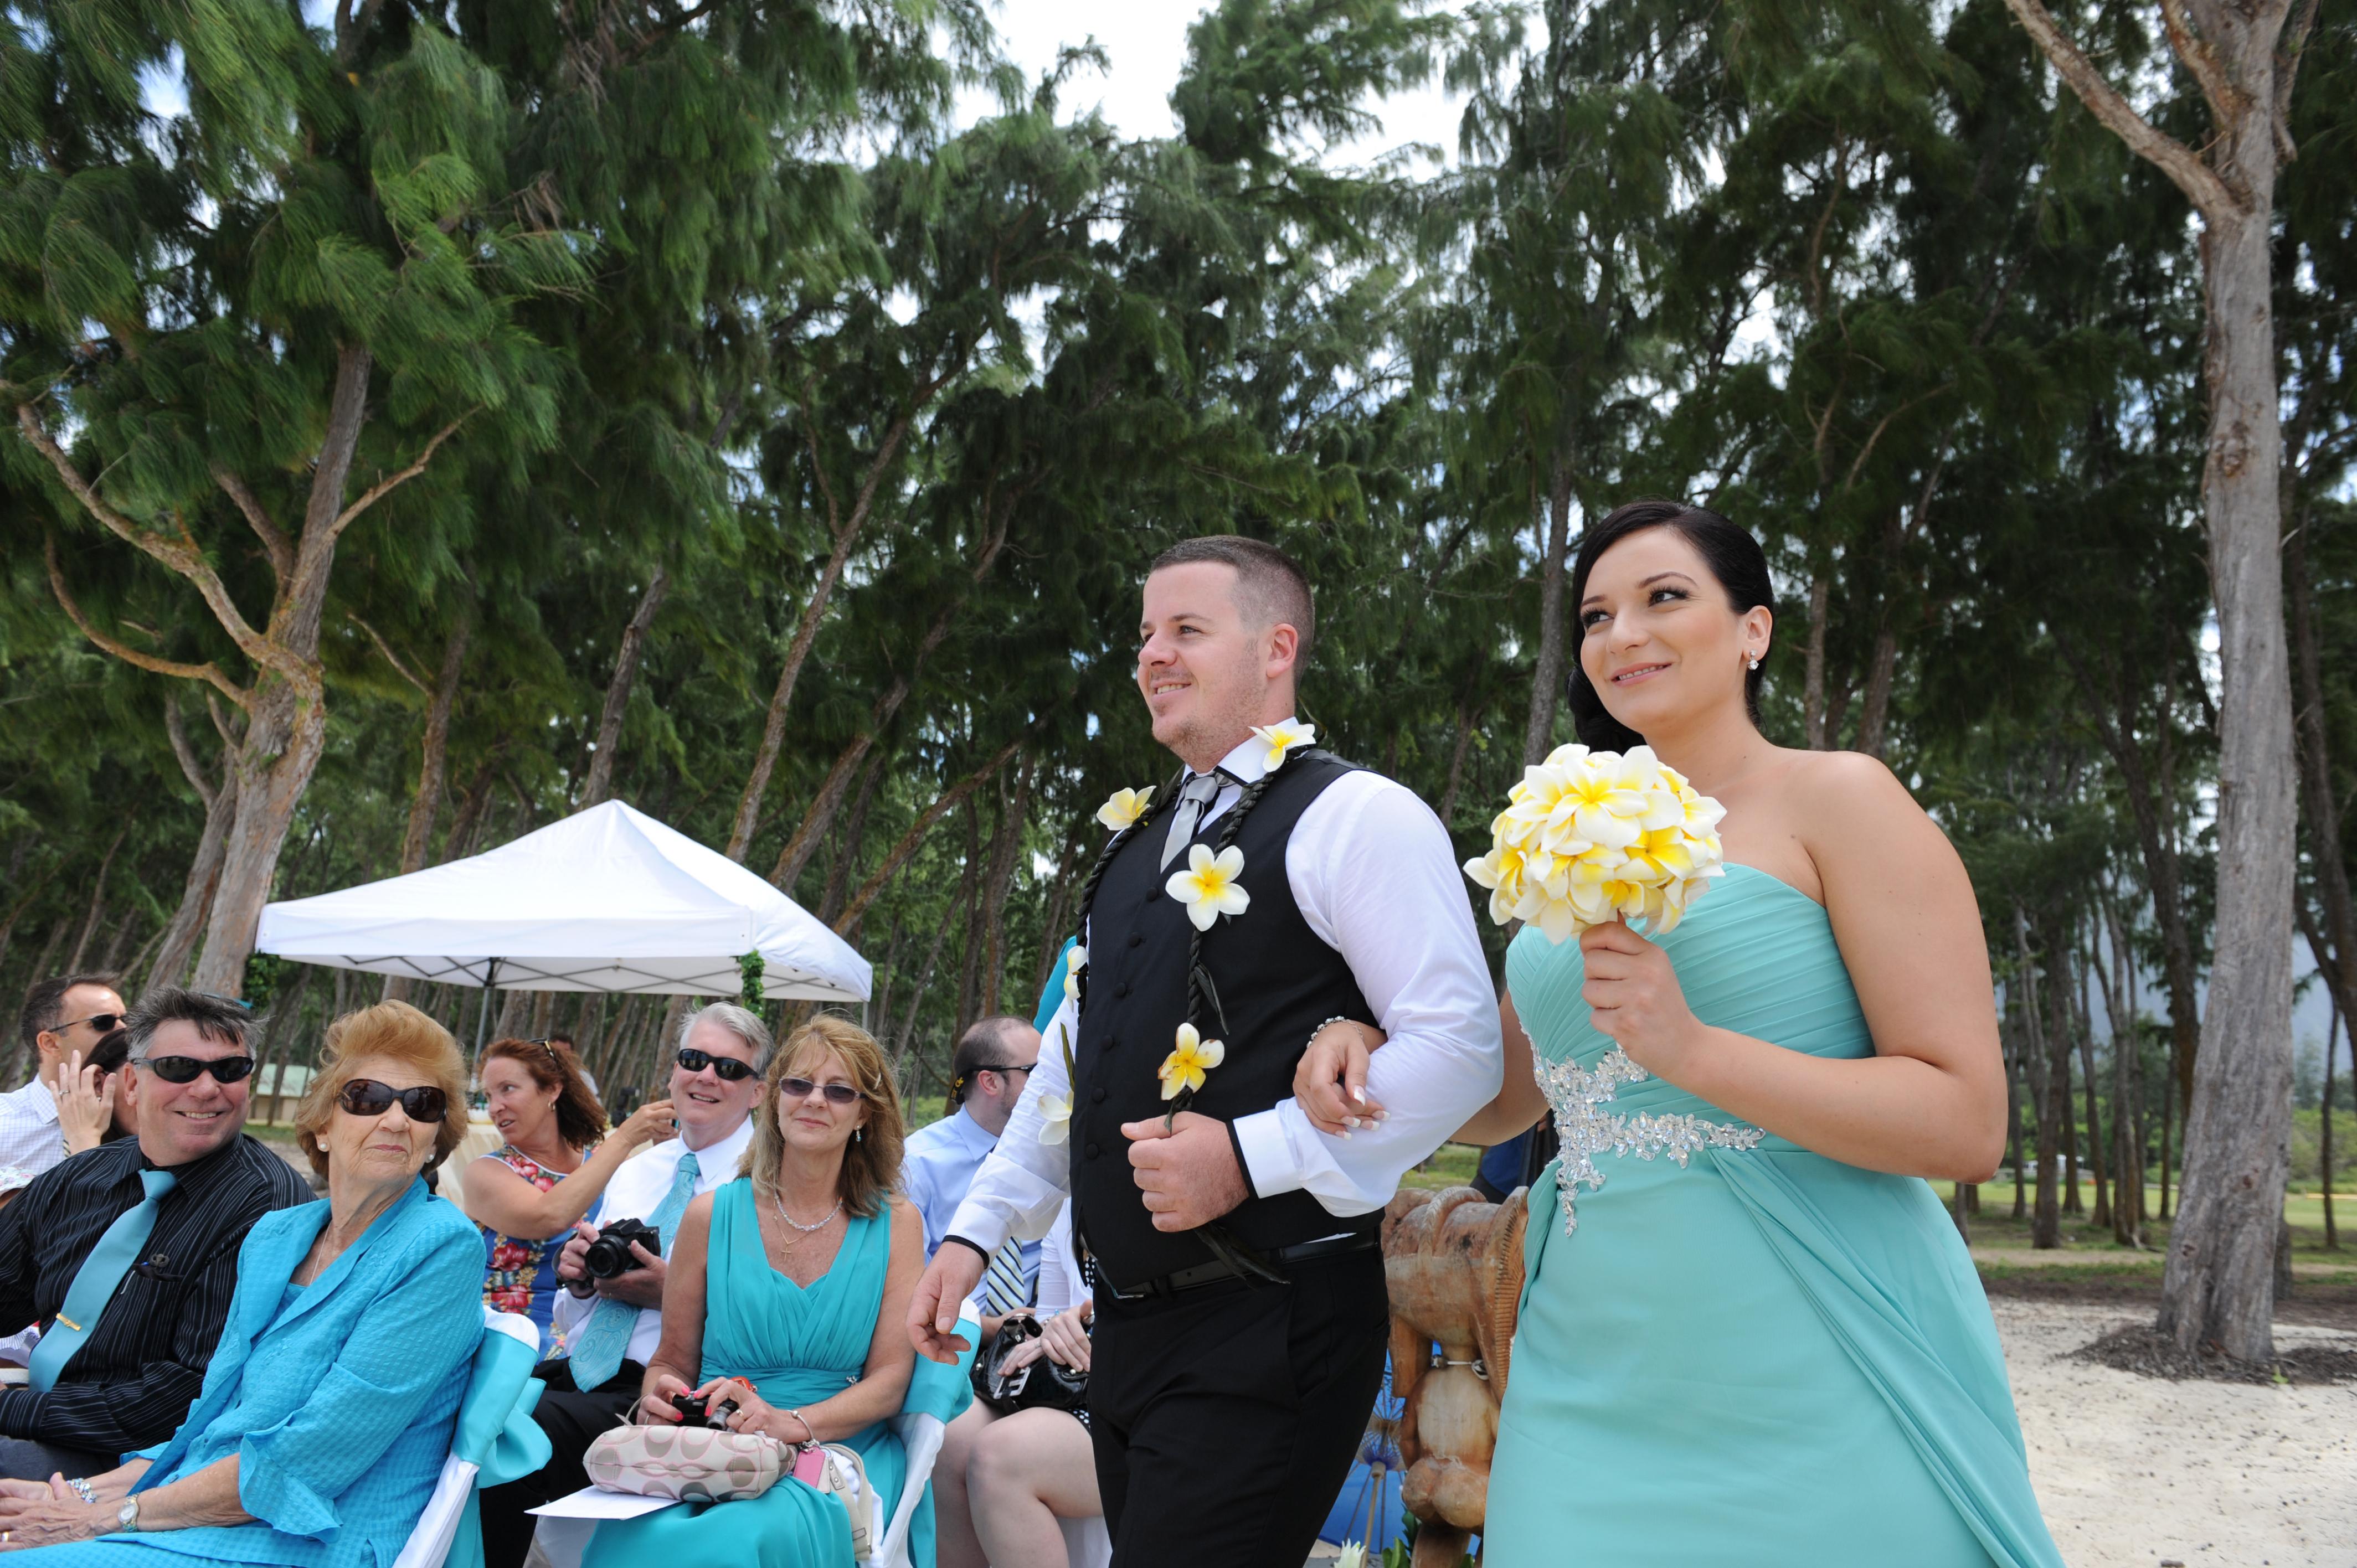 Alohaislandweddings.com- Hawaiian wedding in hawaii-50